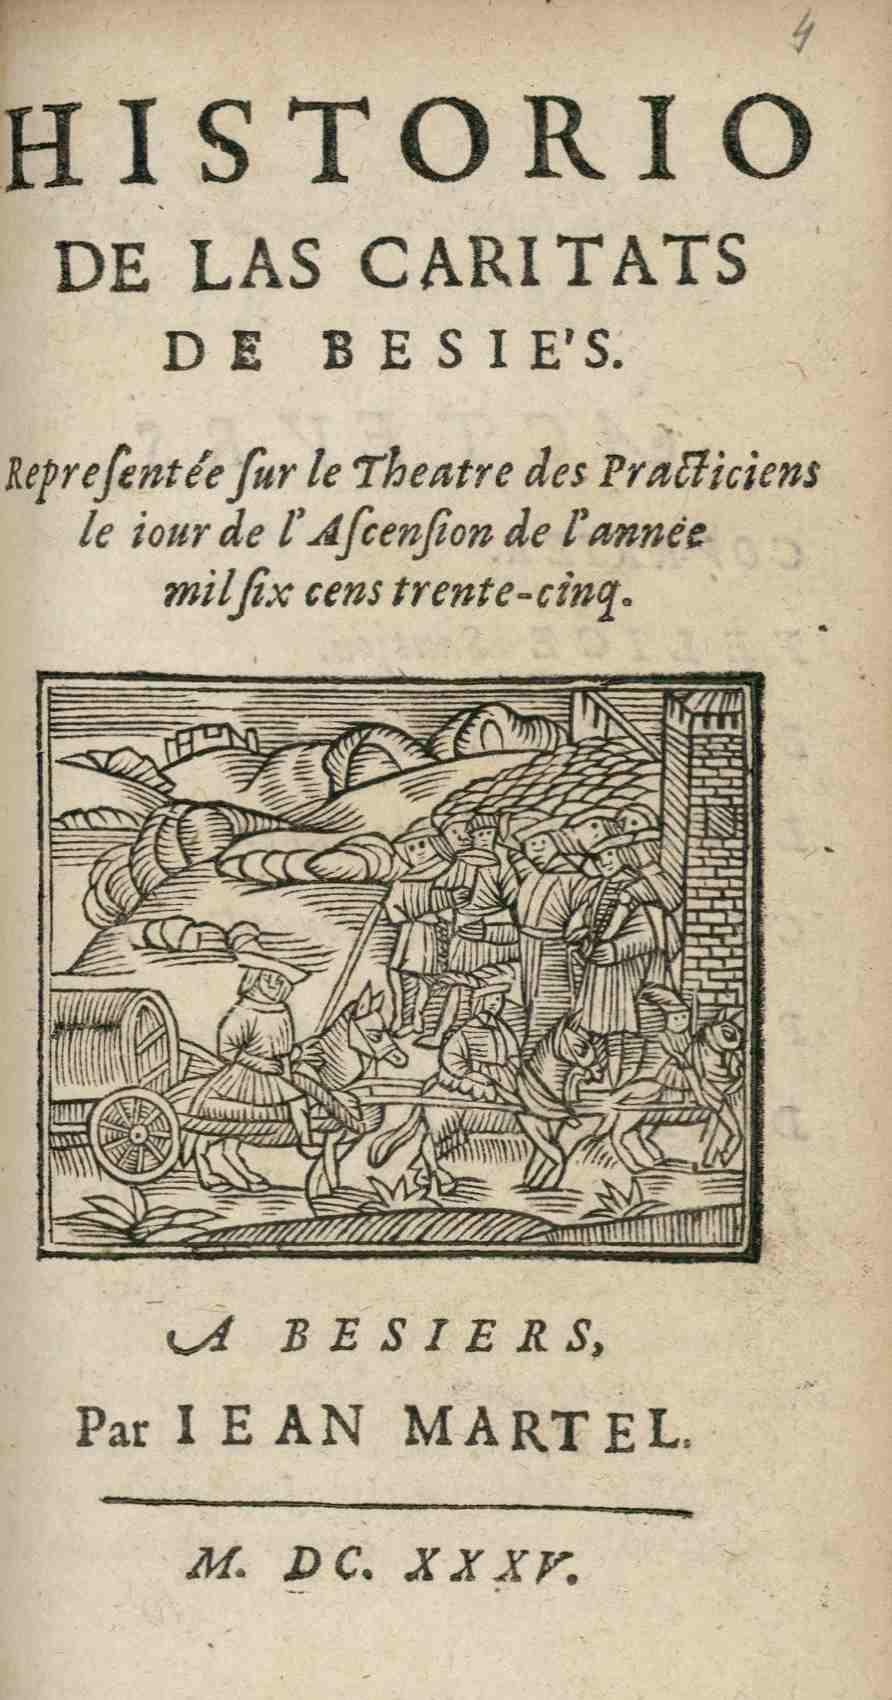 BM Toulouse, Res. D XVII 372 (4)